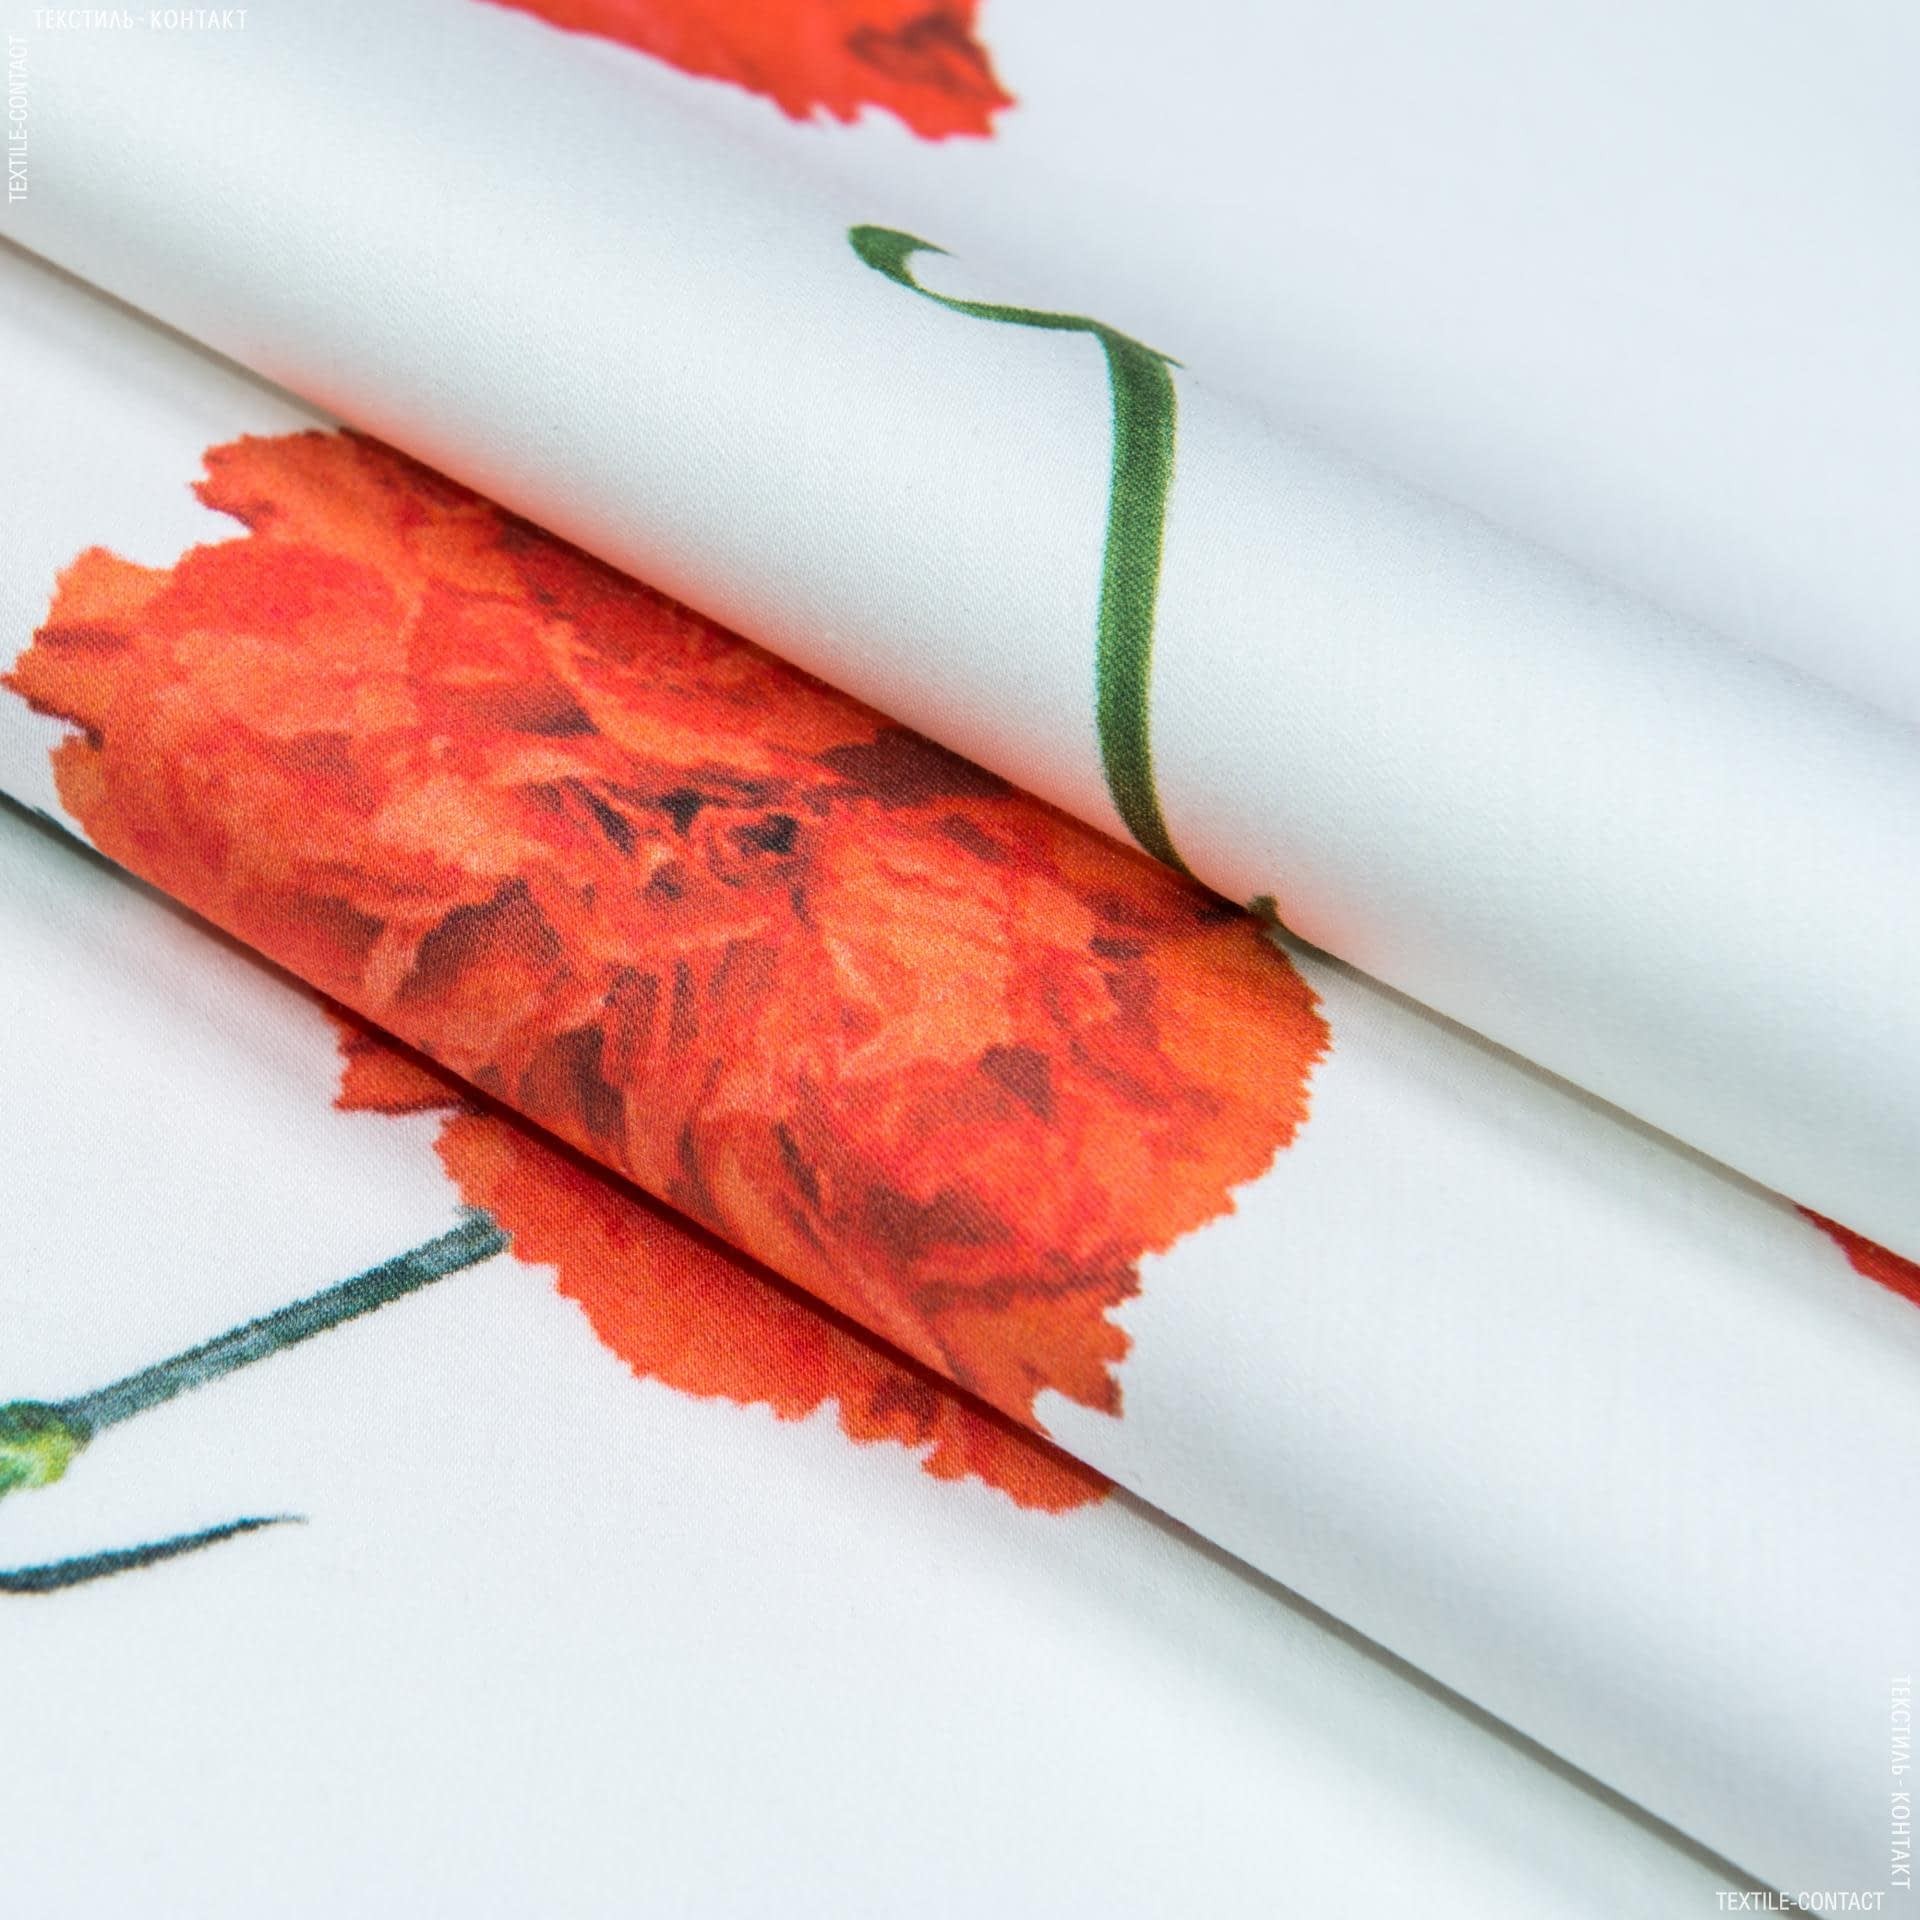 Ткани для платьев - Коттон стрейч нейлон принт